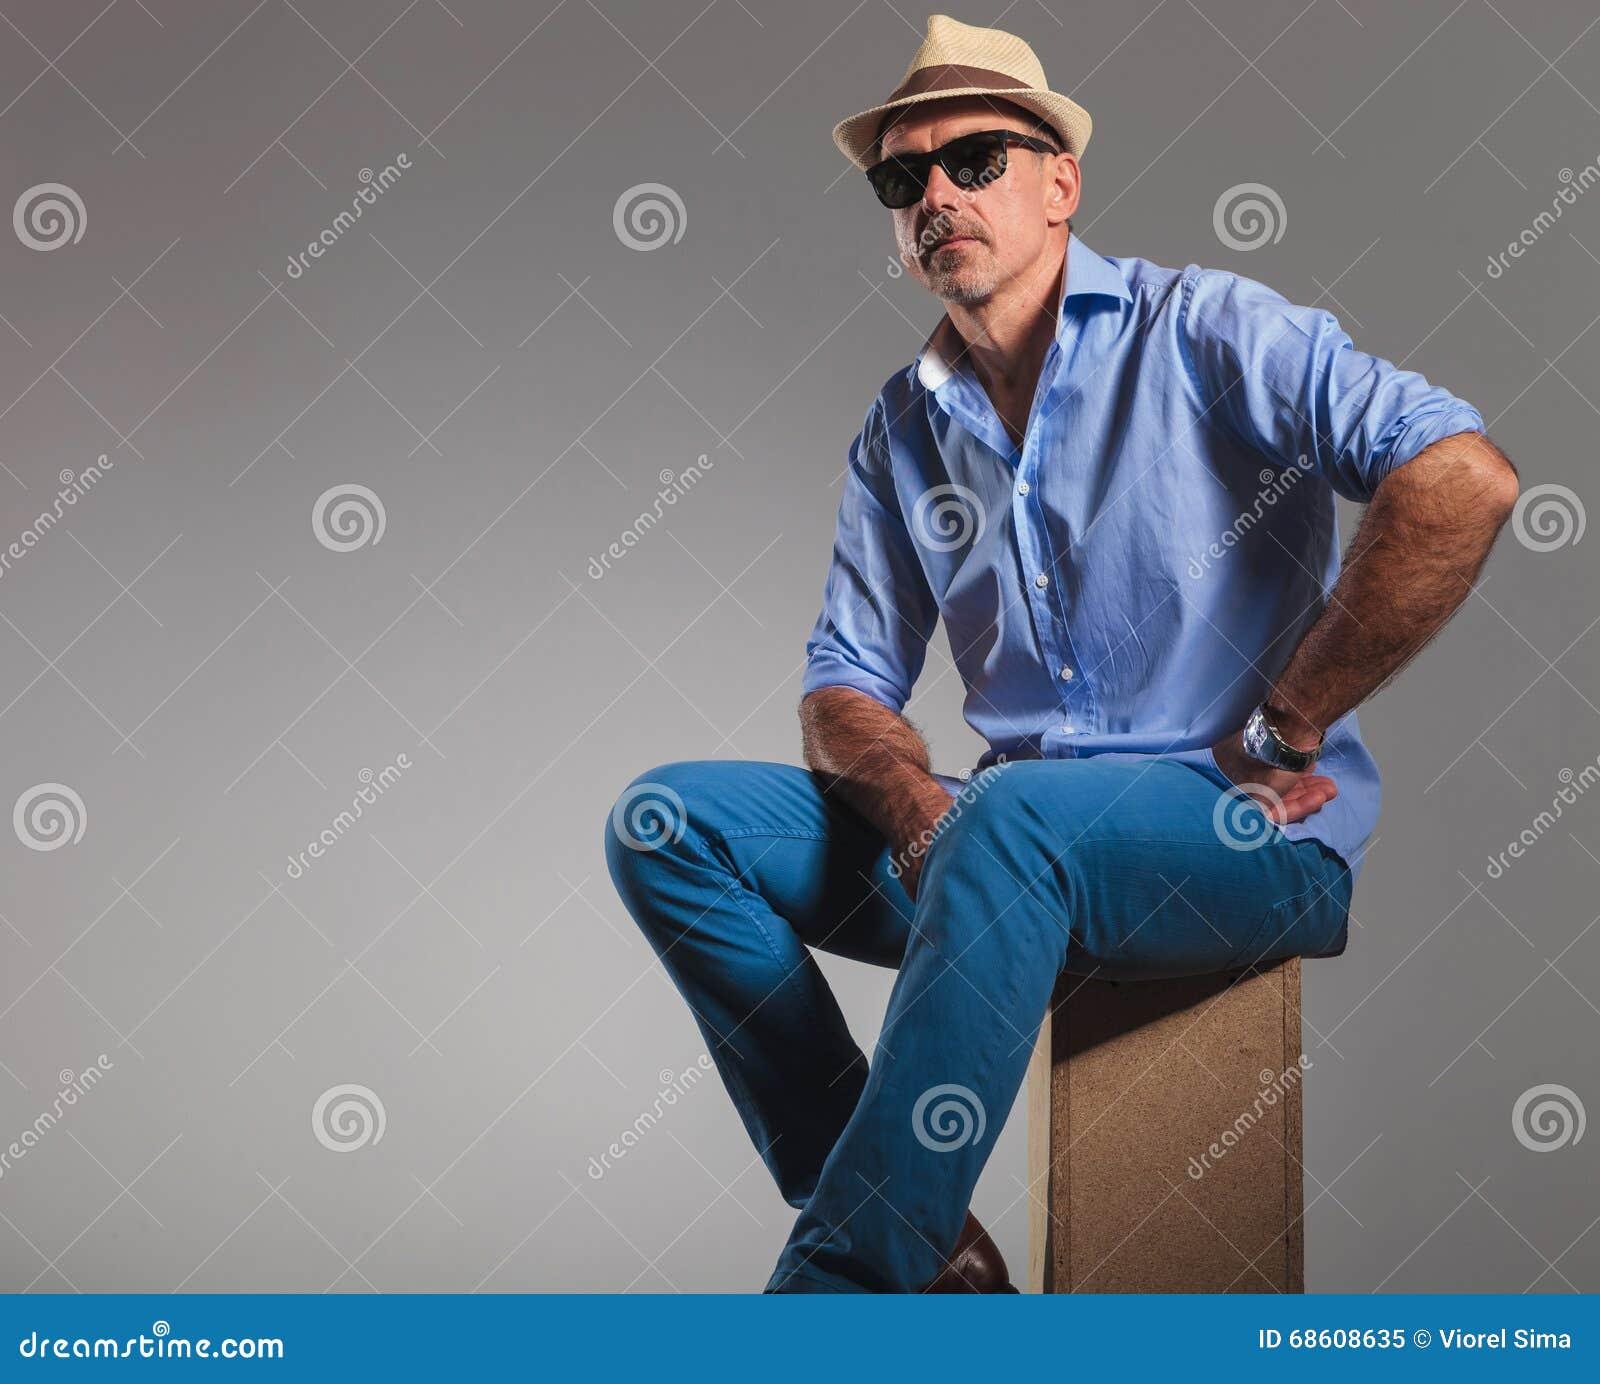 Uomo Indossano Da Gli Che Sole Jeans Maturo Cappello Occhiali E In fnraR6wf